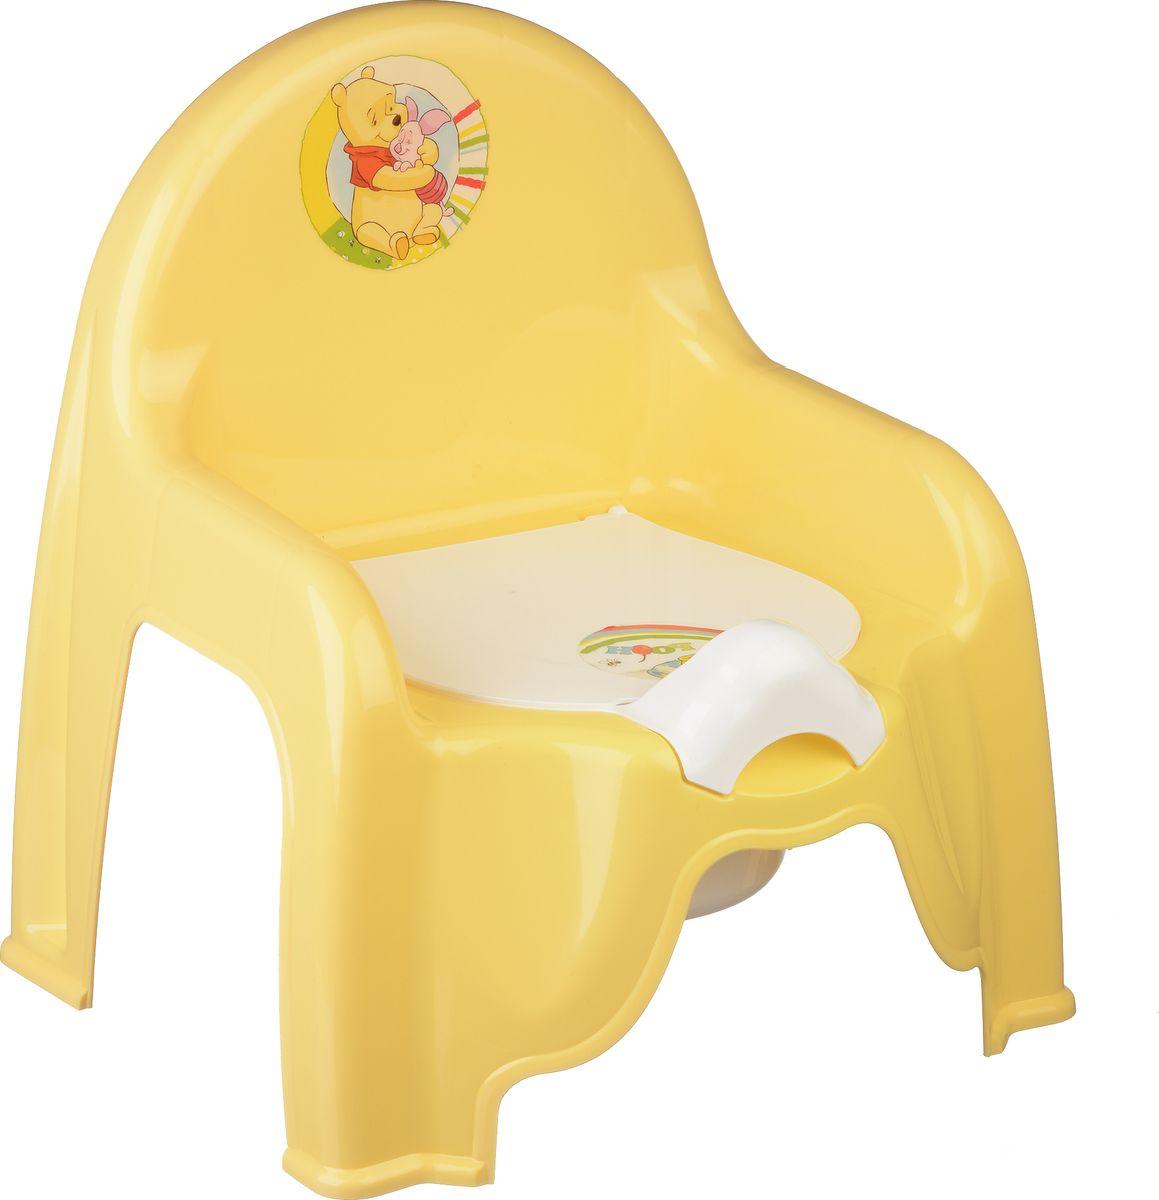 Disney Горшок-стульчик детский цвет банановый -  Горшки и адаптеры для унитаза